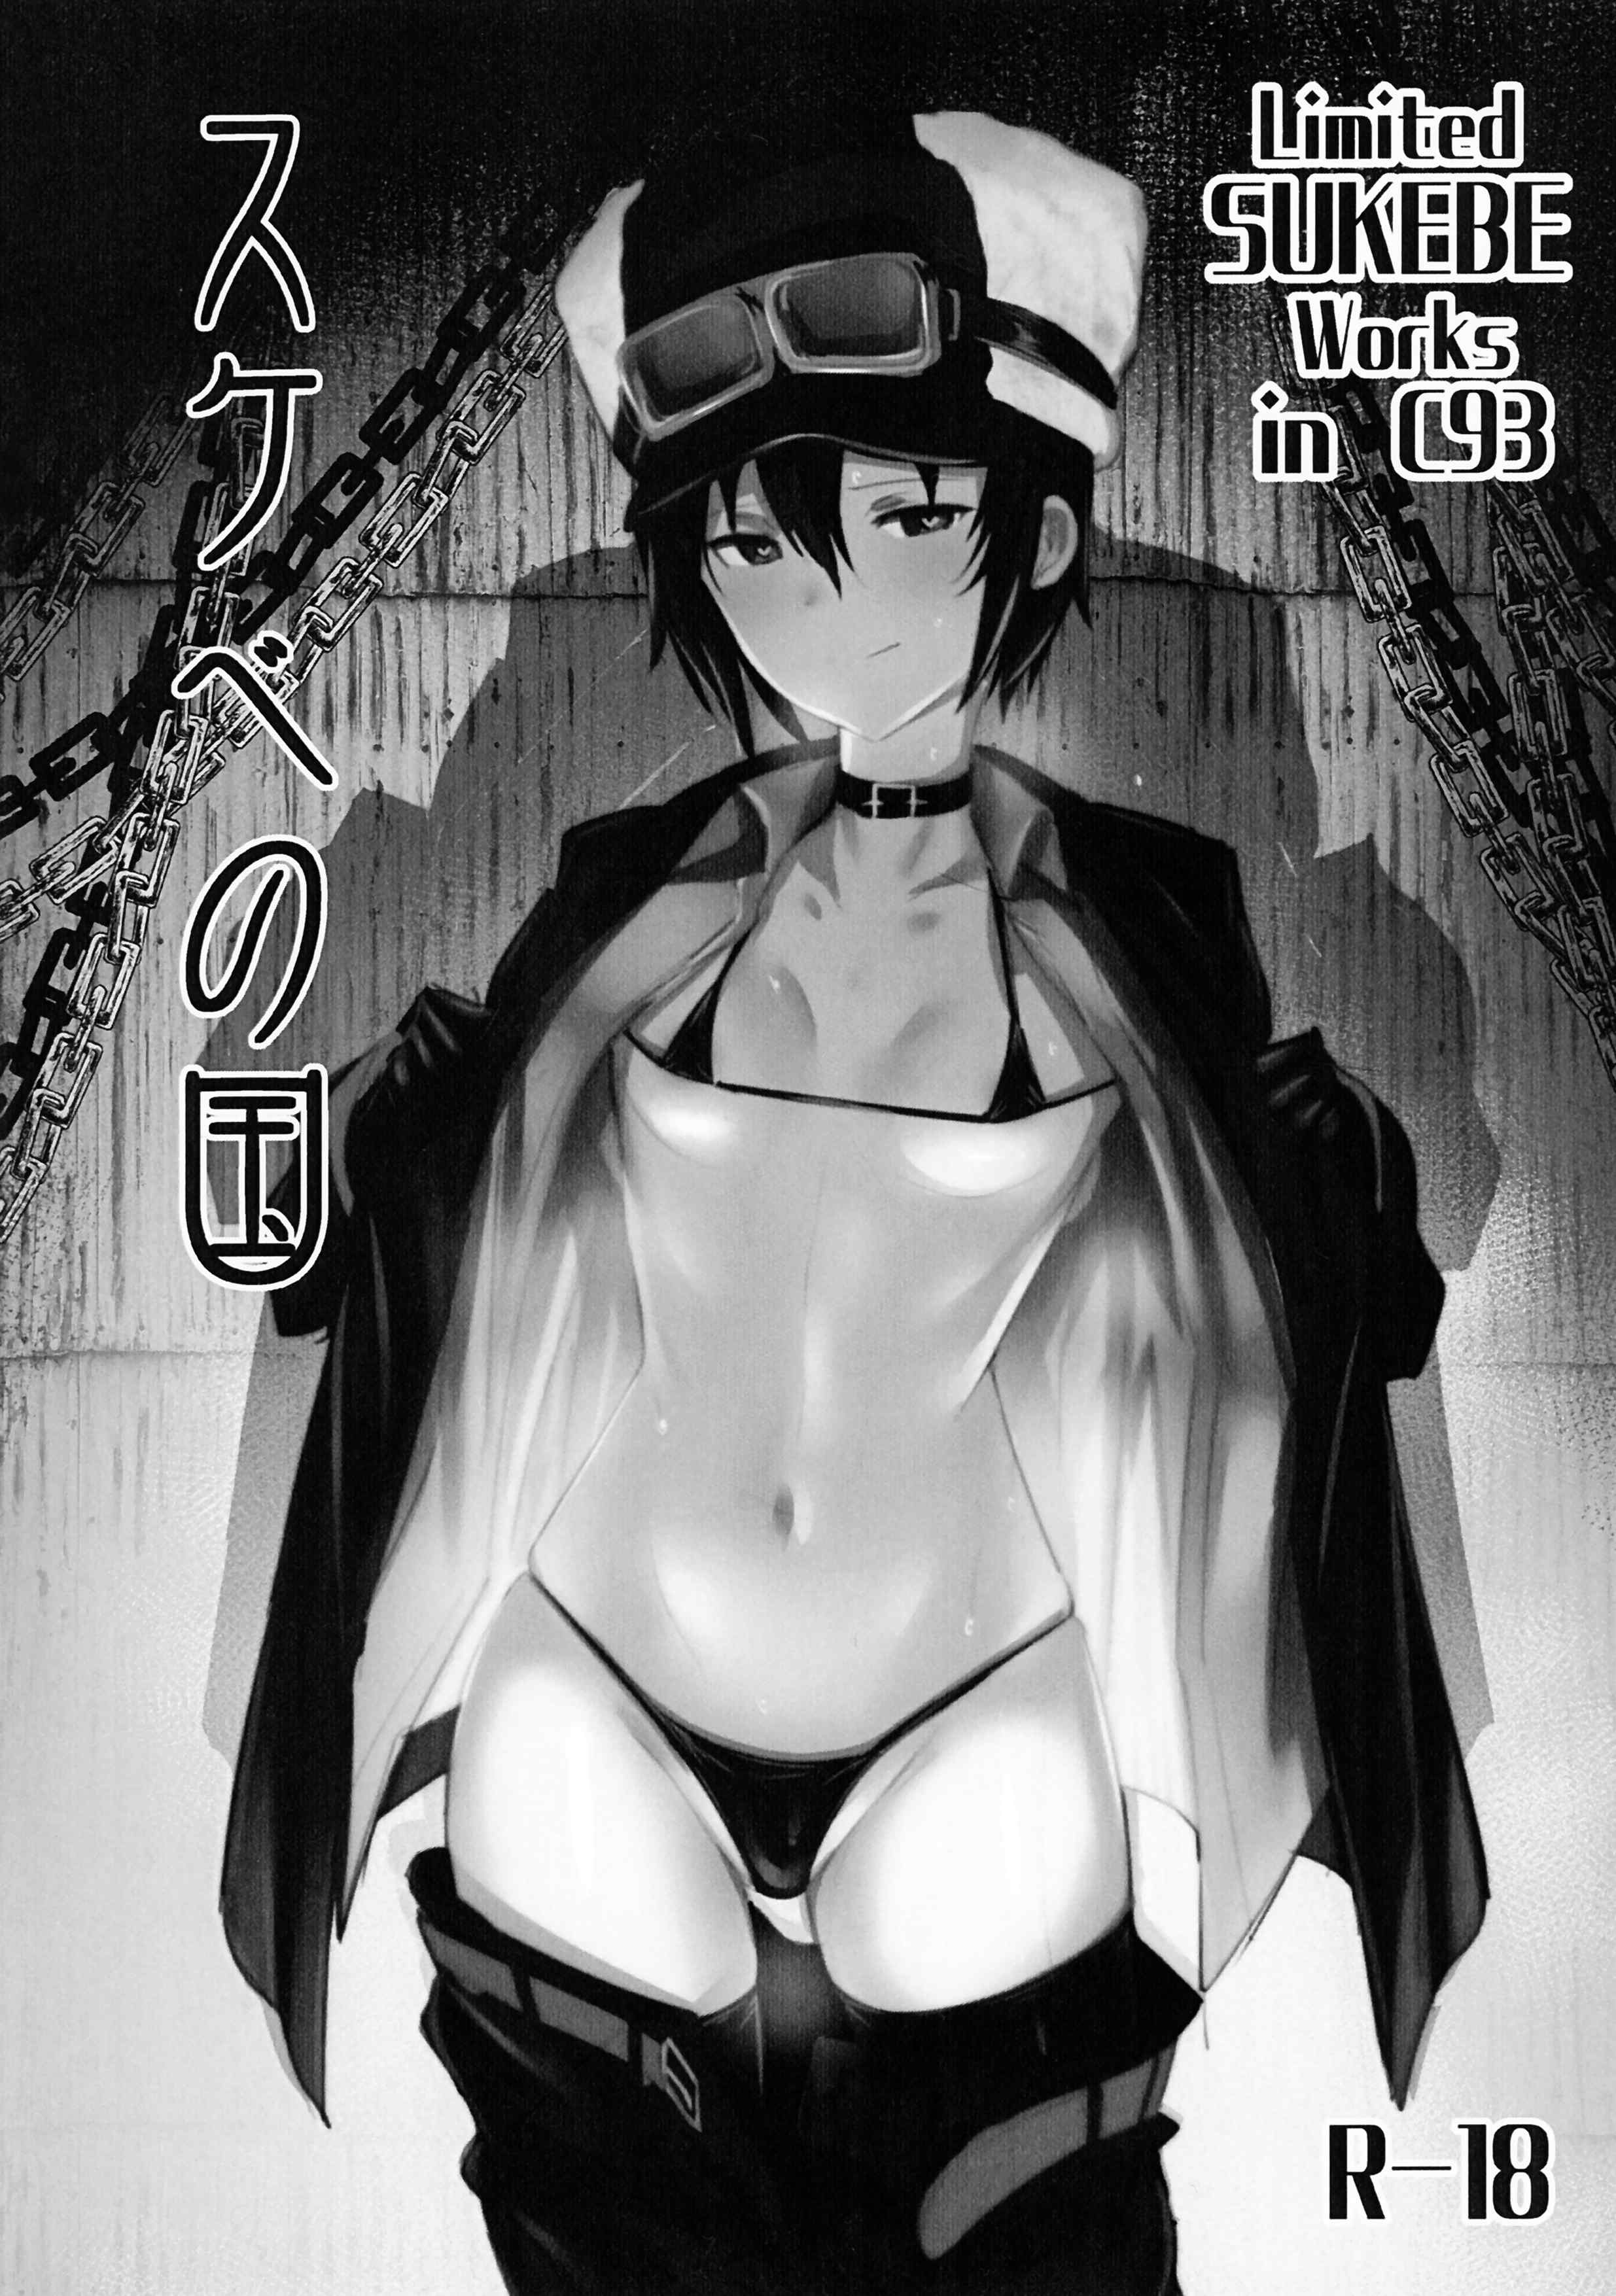 スケベの国に入ってしまったキノは国のルールと称して身体を開発されて娼婦になるwww【キノの旅 エロ漫画・エロ同人誌】